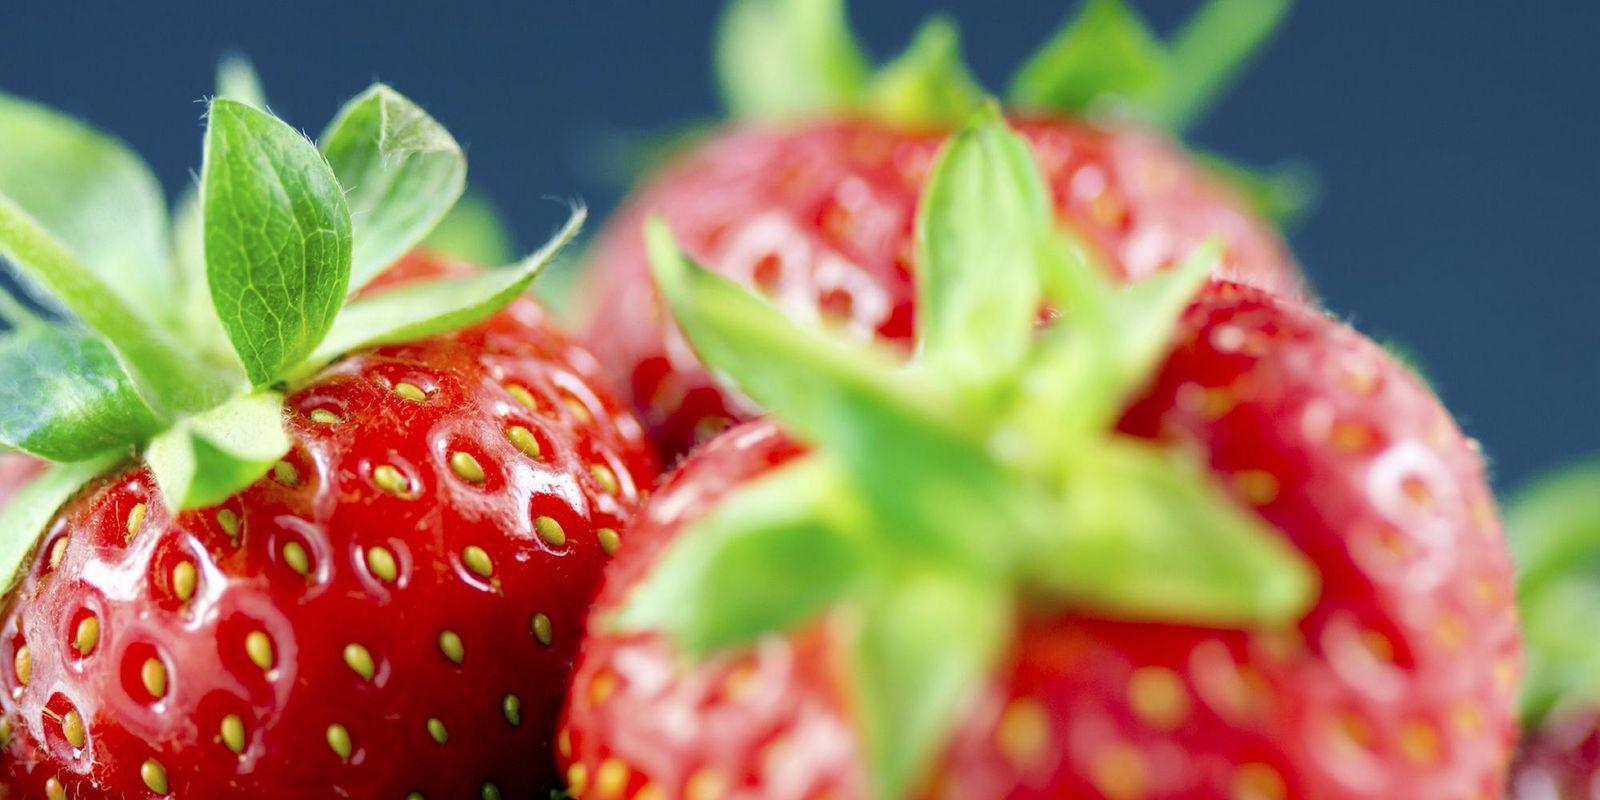 guide erdbeeren richtig pflanzen alle antworten zu pflege und sorten. Black Bedroom Furniture Sets. Home Design Ideas